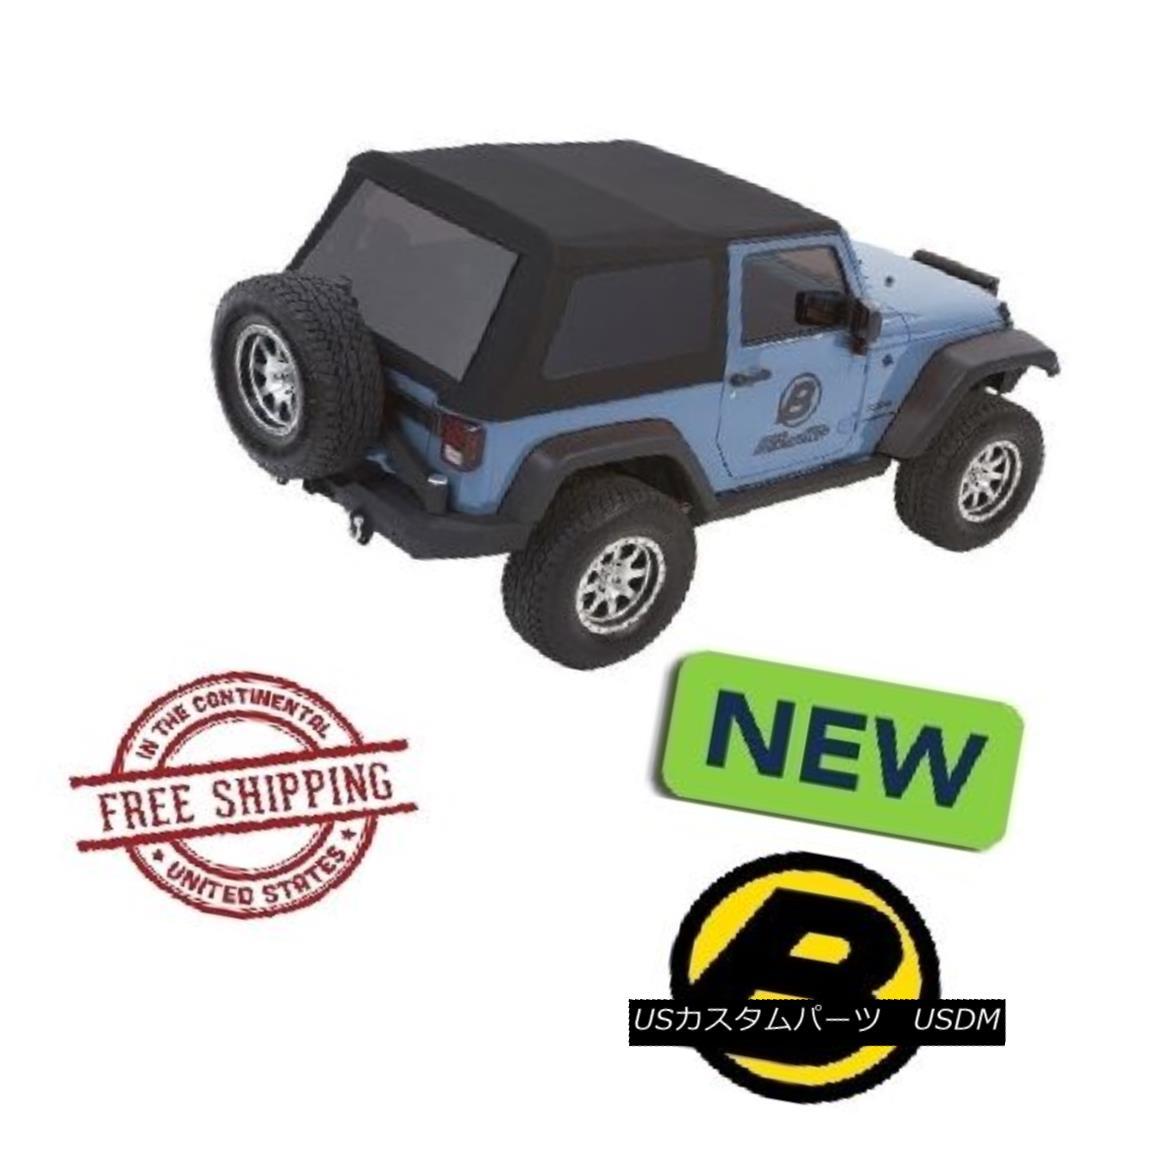 幌・ソフトトップ Bestop Trektop? NX Glide? Soft Top 07-17 Jeep Wrangler JK 2 Door Black Twill Bestop Trektop? NXグライド? ソフトトップ07-17ジープラングラーJK 2ドアブラックツイル